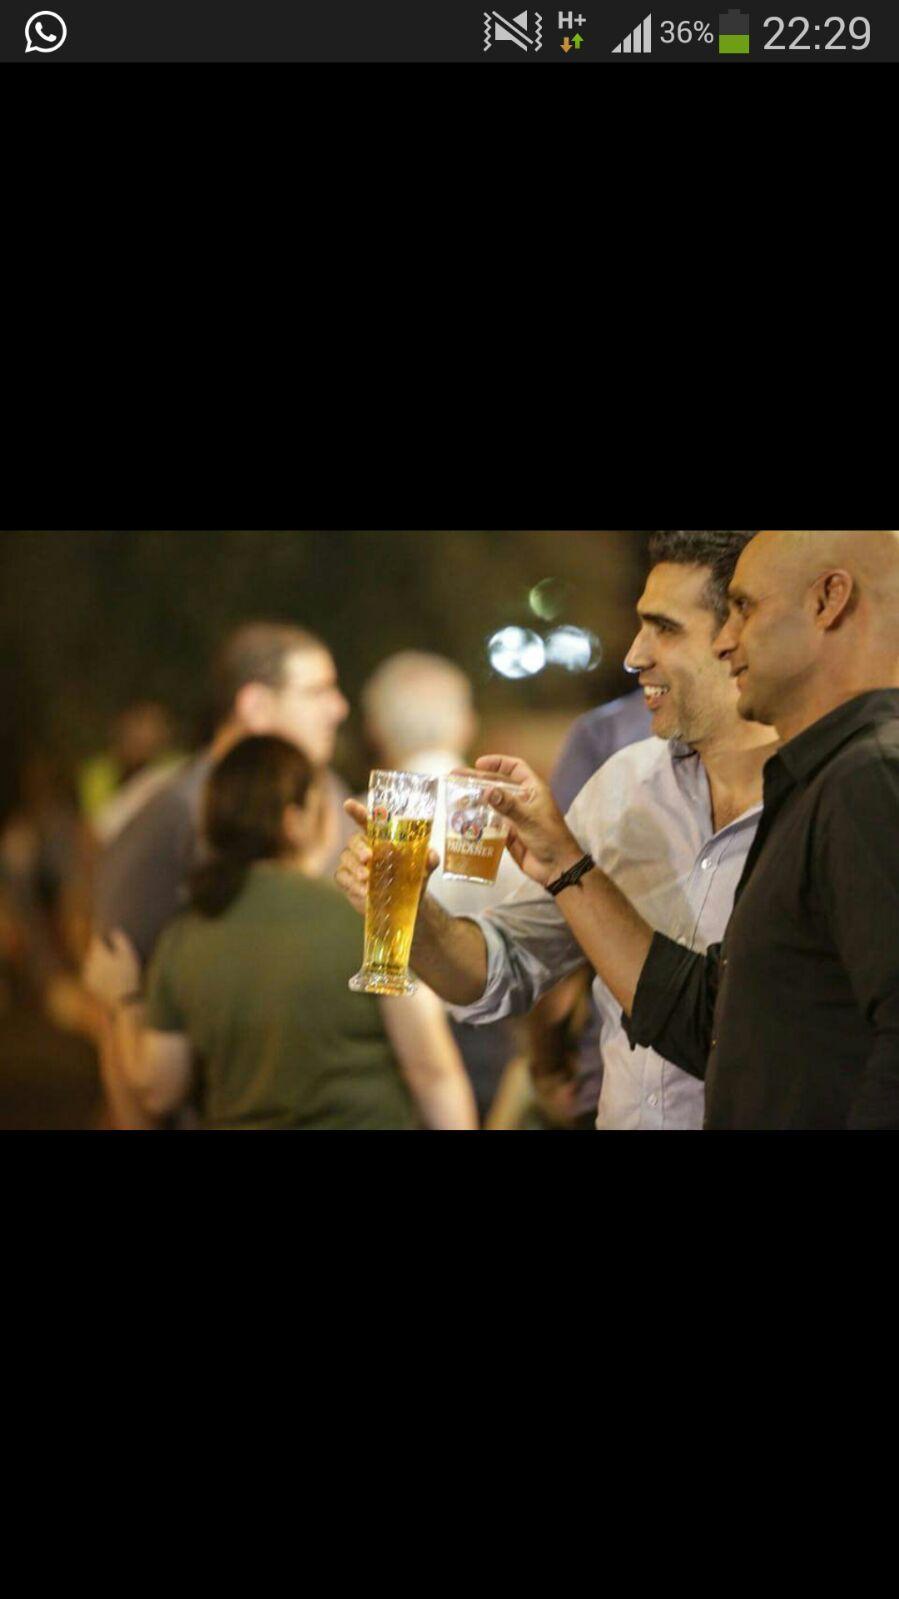 לחיים הנאות הקטנות... יוני שטבון ורפי ימין בפסטיבל הבירה אוקטוברפסט